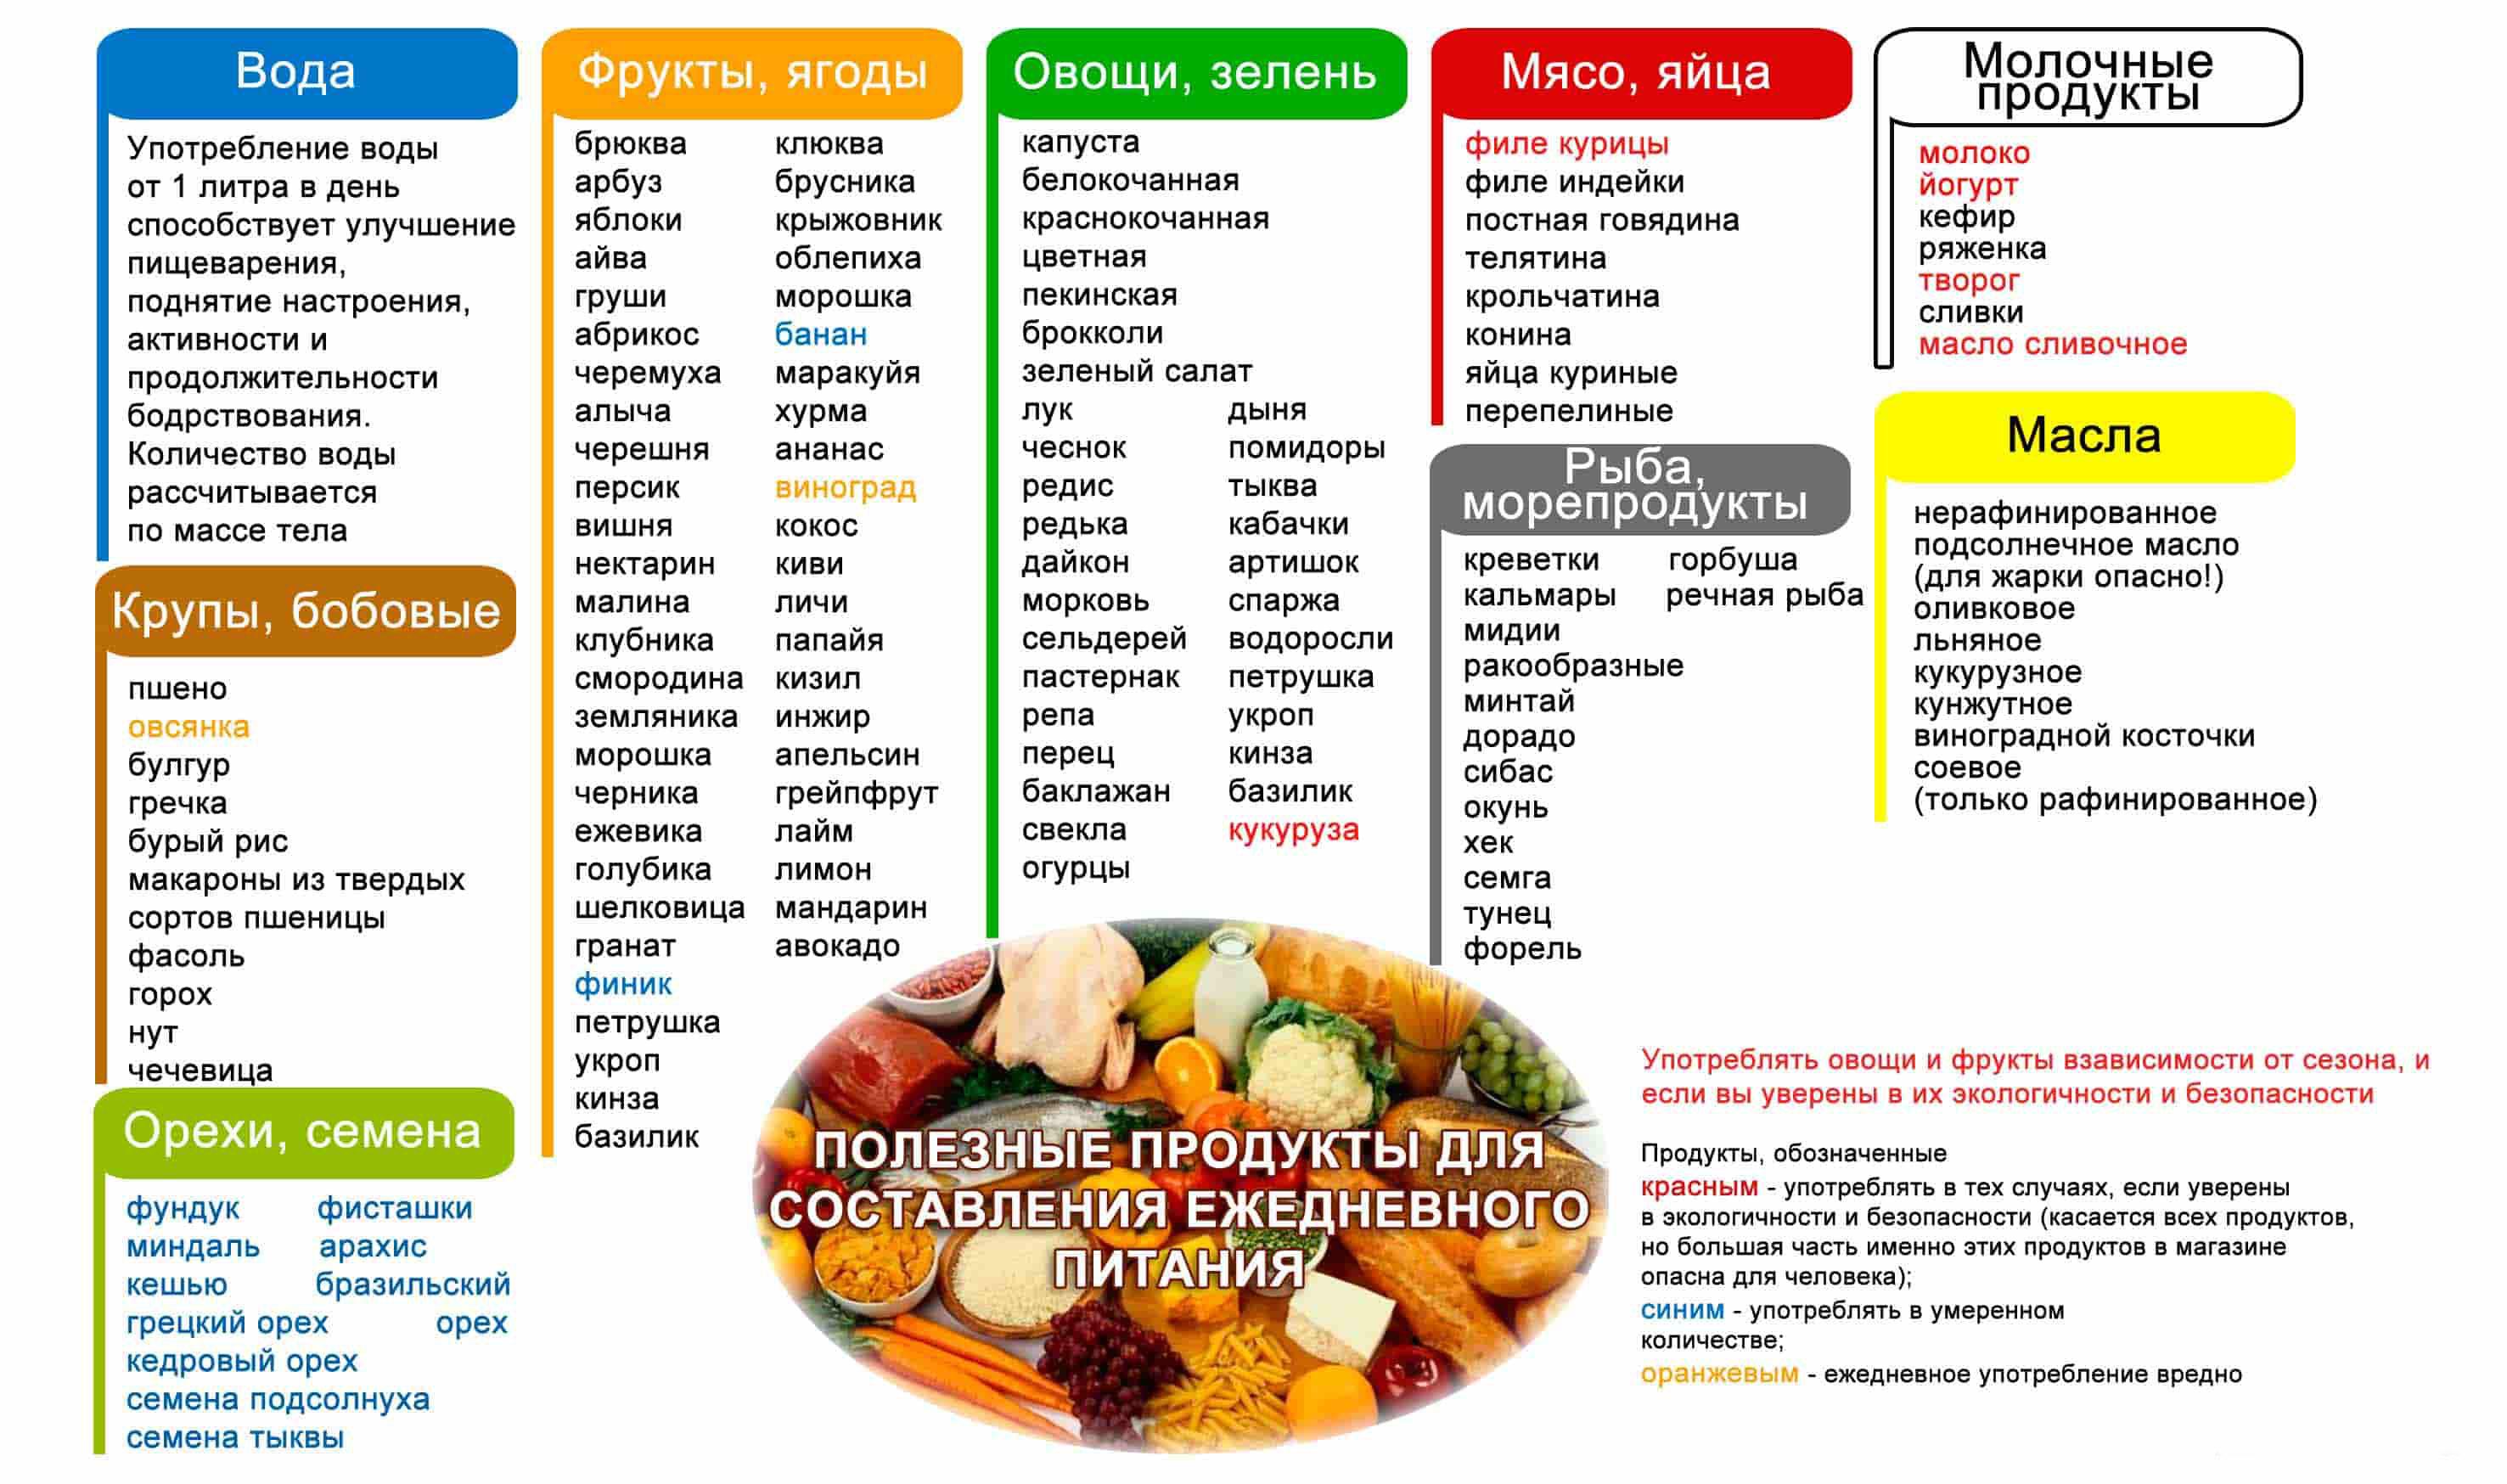 Правильное питание для похудения список продуктов